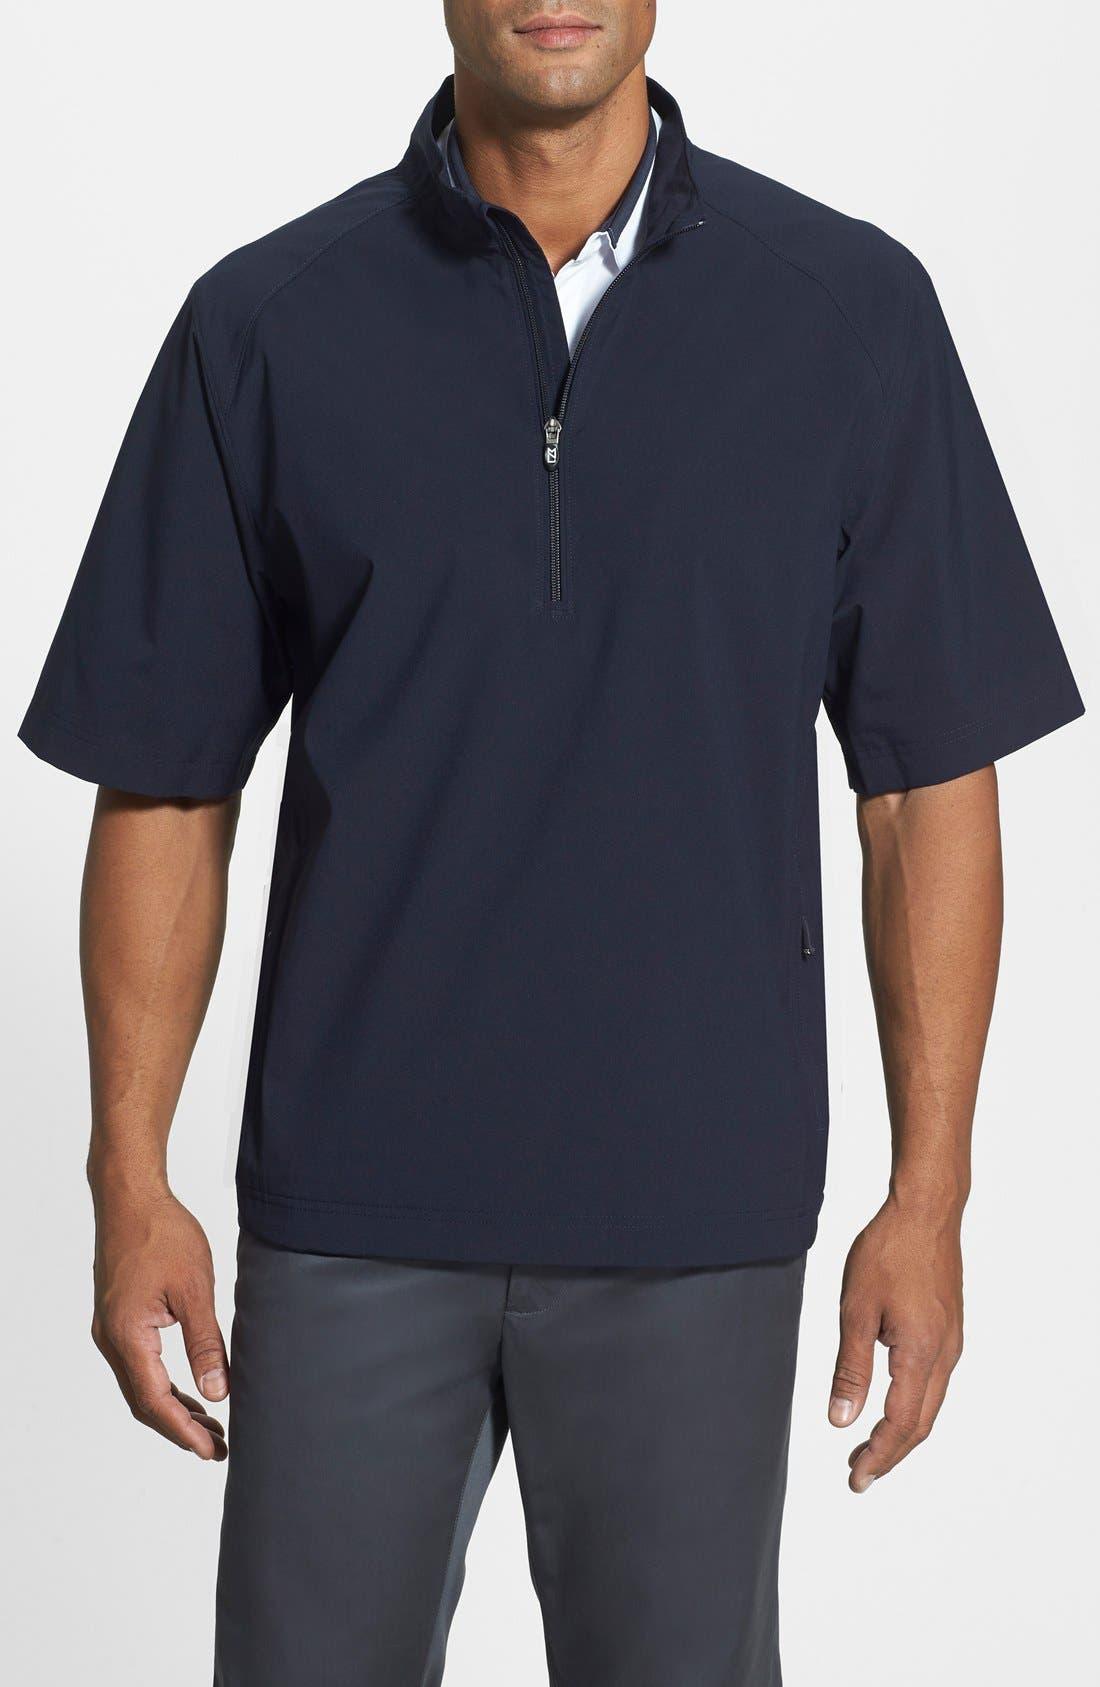 Cutter & Buck 'WeatherTec Summit' Short Sleeve Shirt